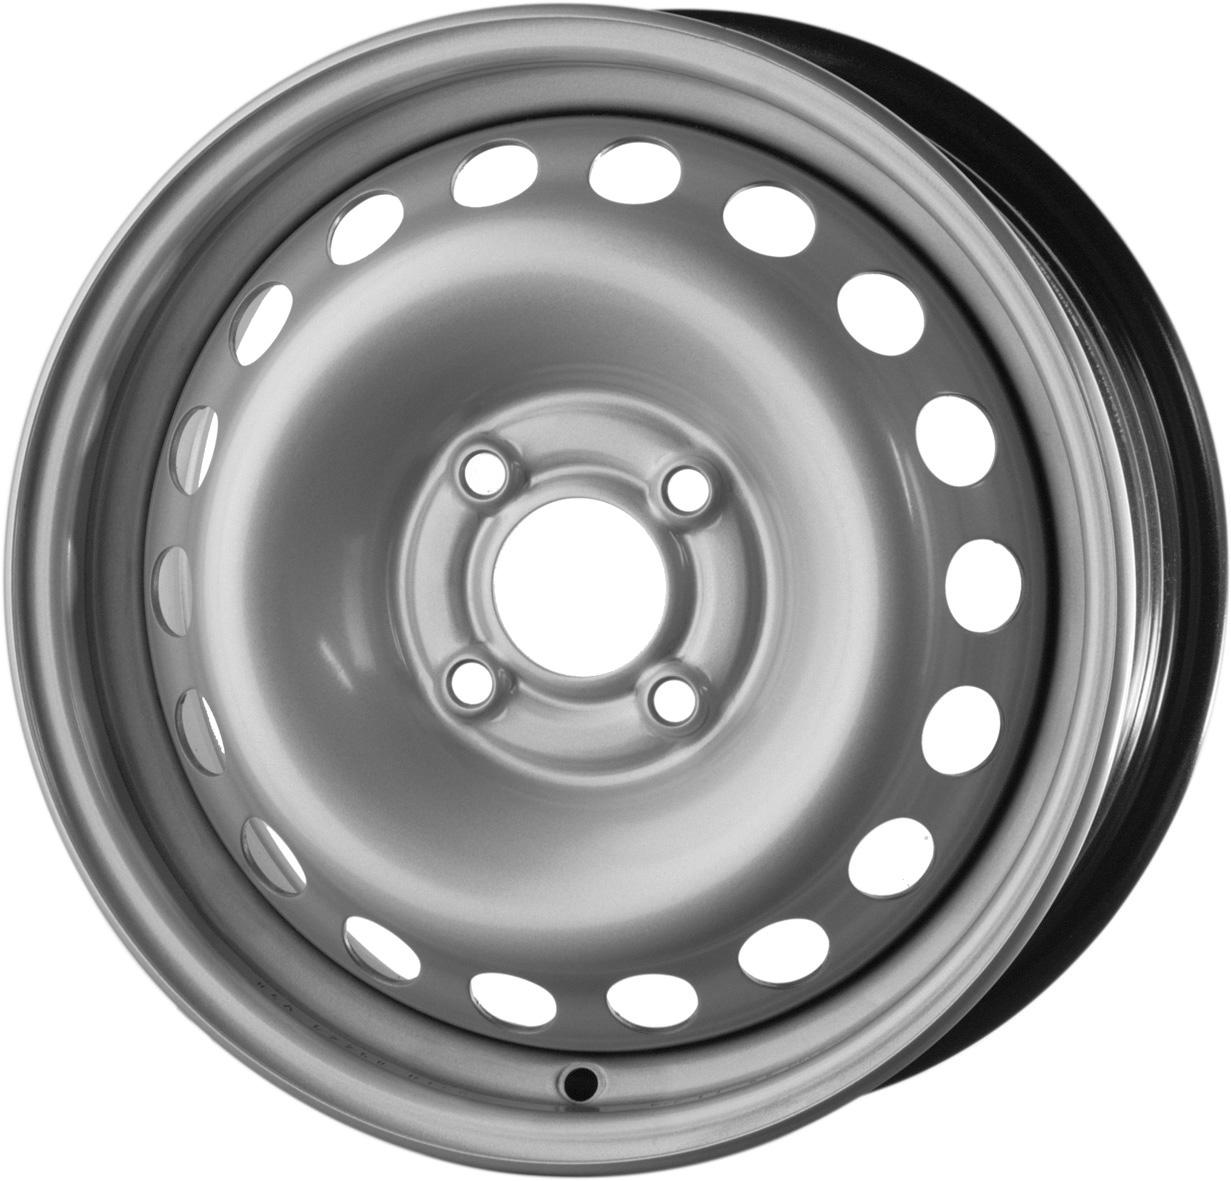 Vorschau: 14″ Stahlrad Winter für Renault Kangoo 1.5 dCi (W) Kumho WP51 185/70 R14 88T